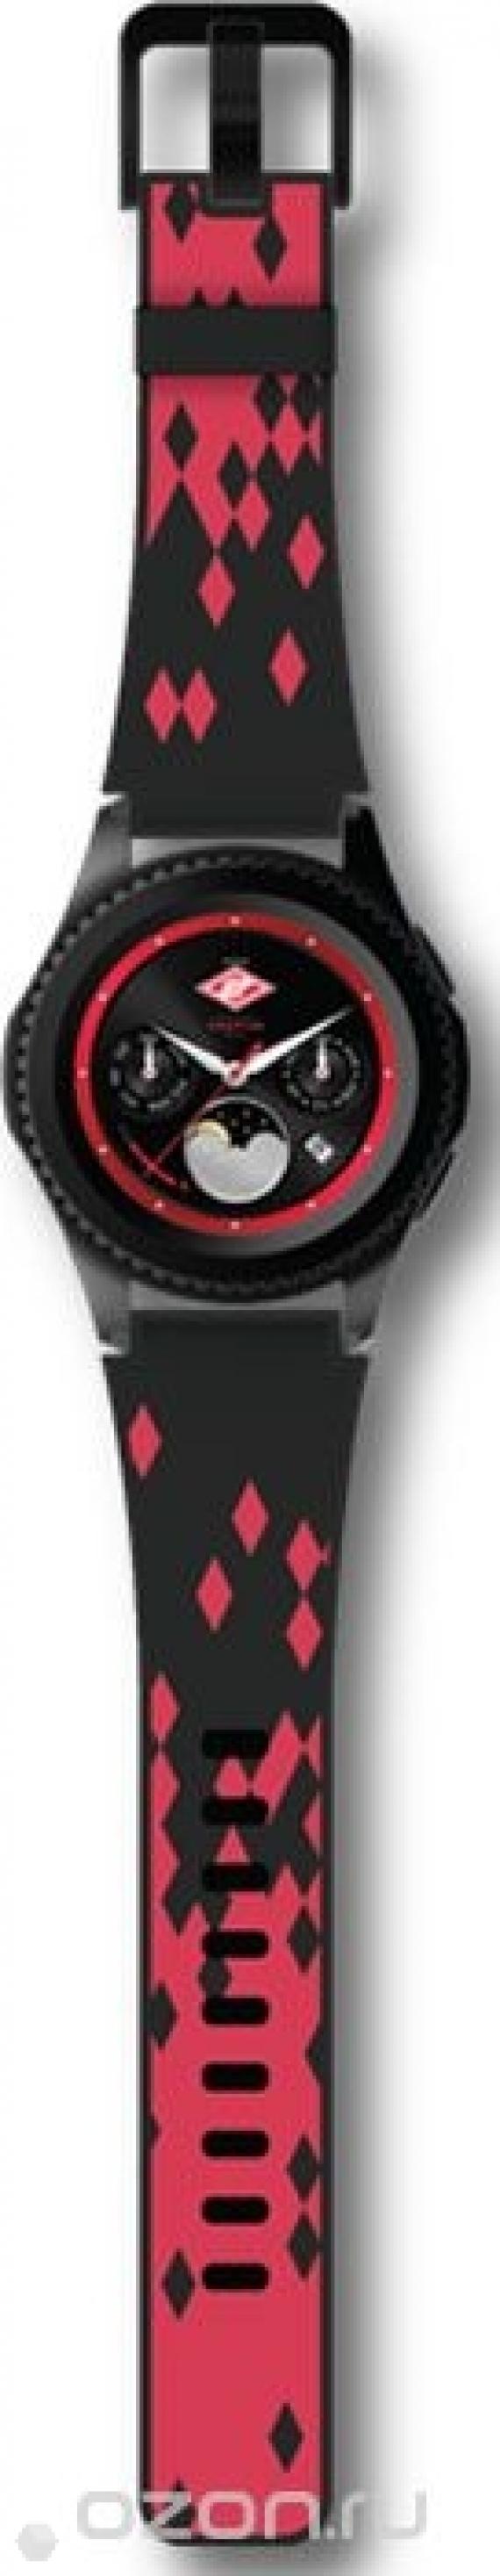 Samsung представила футбольную версию часов Gear S3 Spartak Edition5